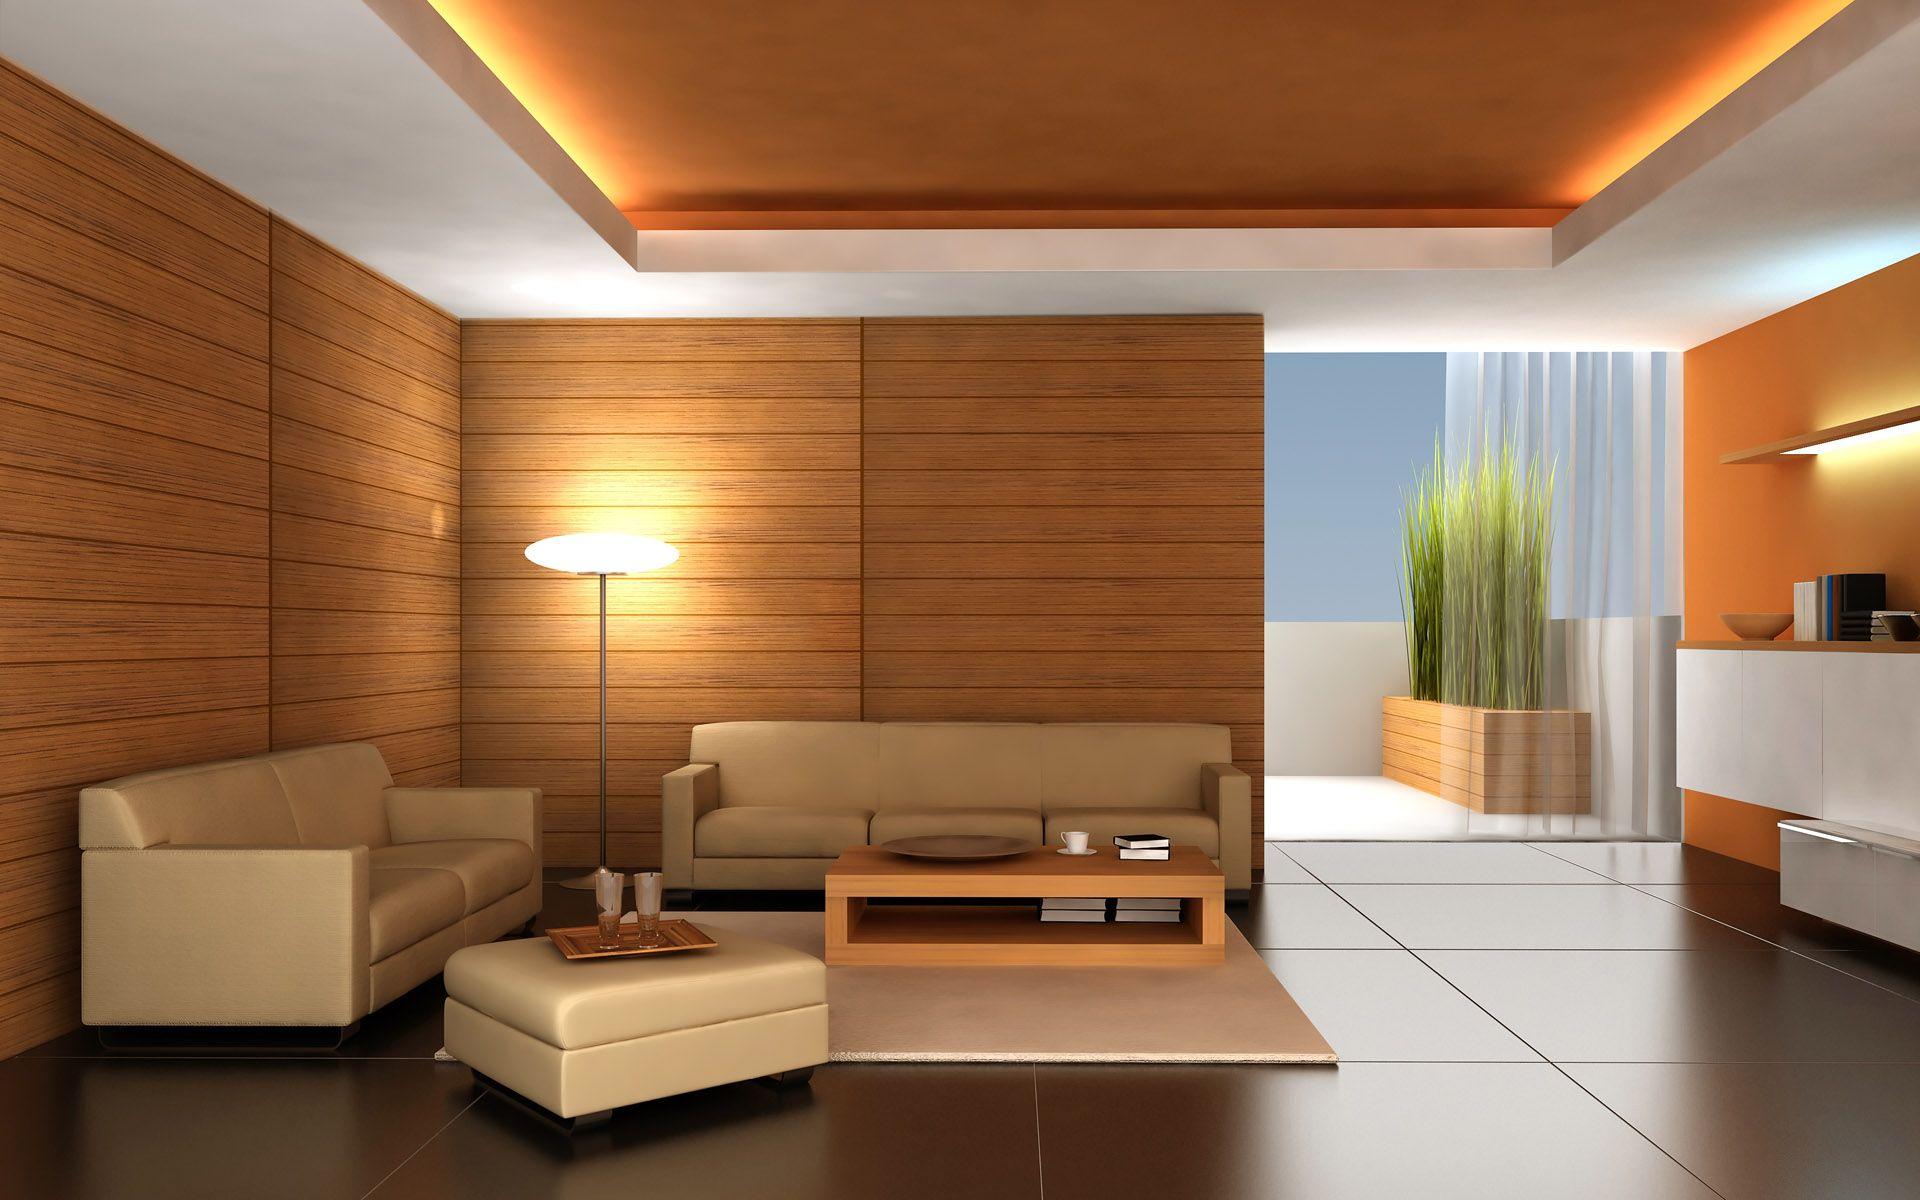 Бело-коричневый двухуровневый потолок из гипсокартона с подсветкой в гостиной